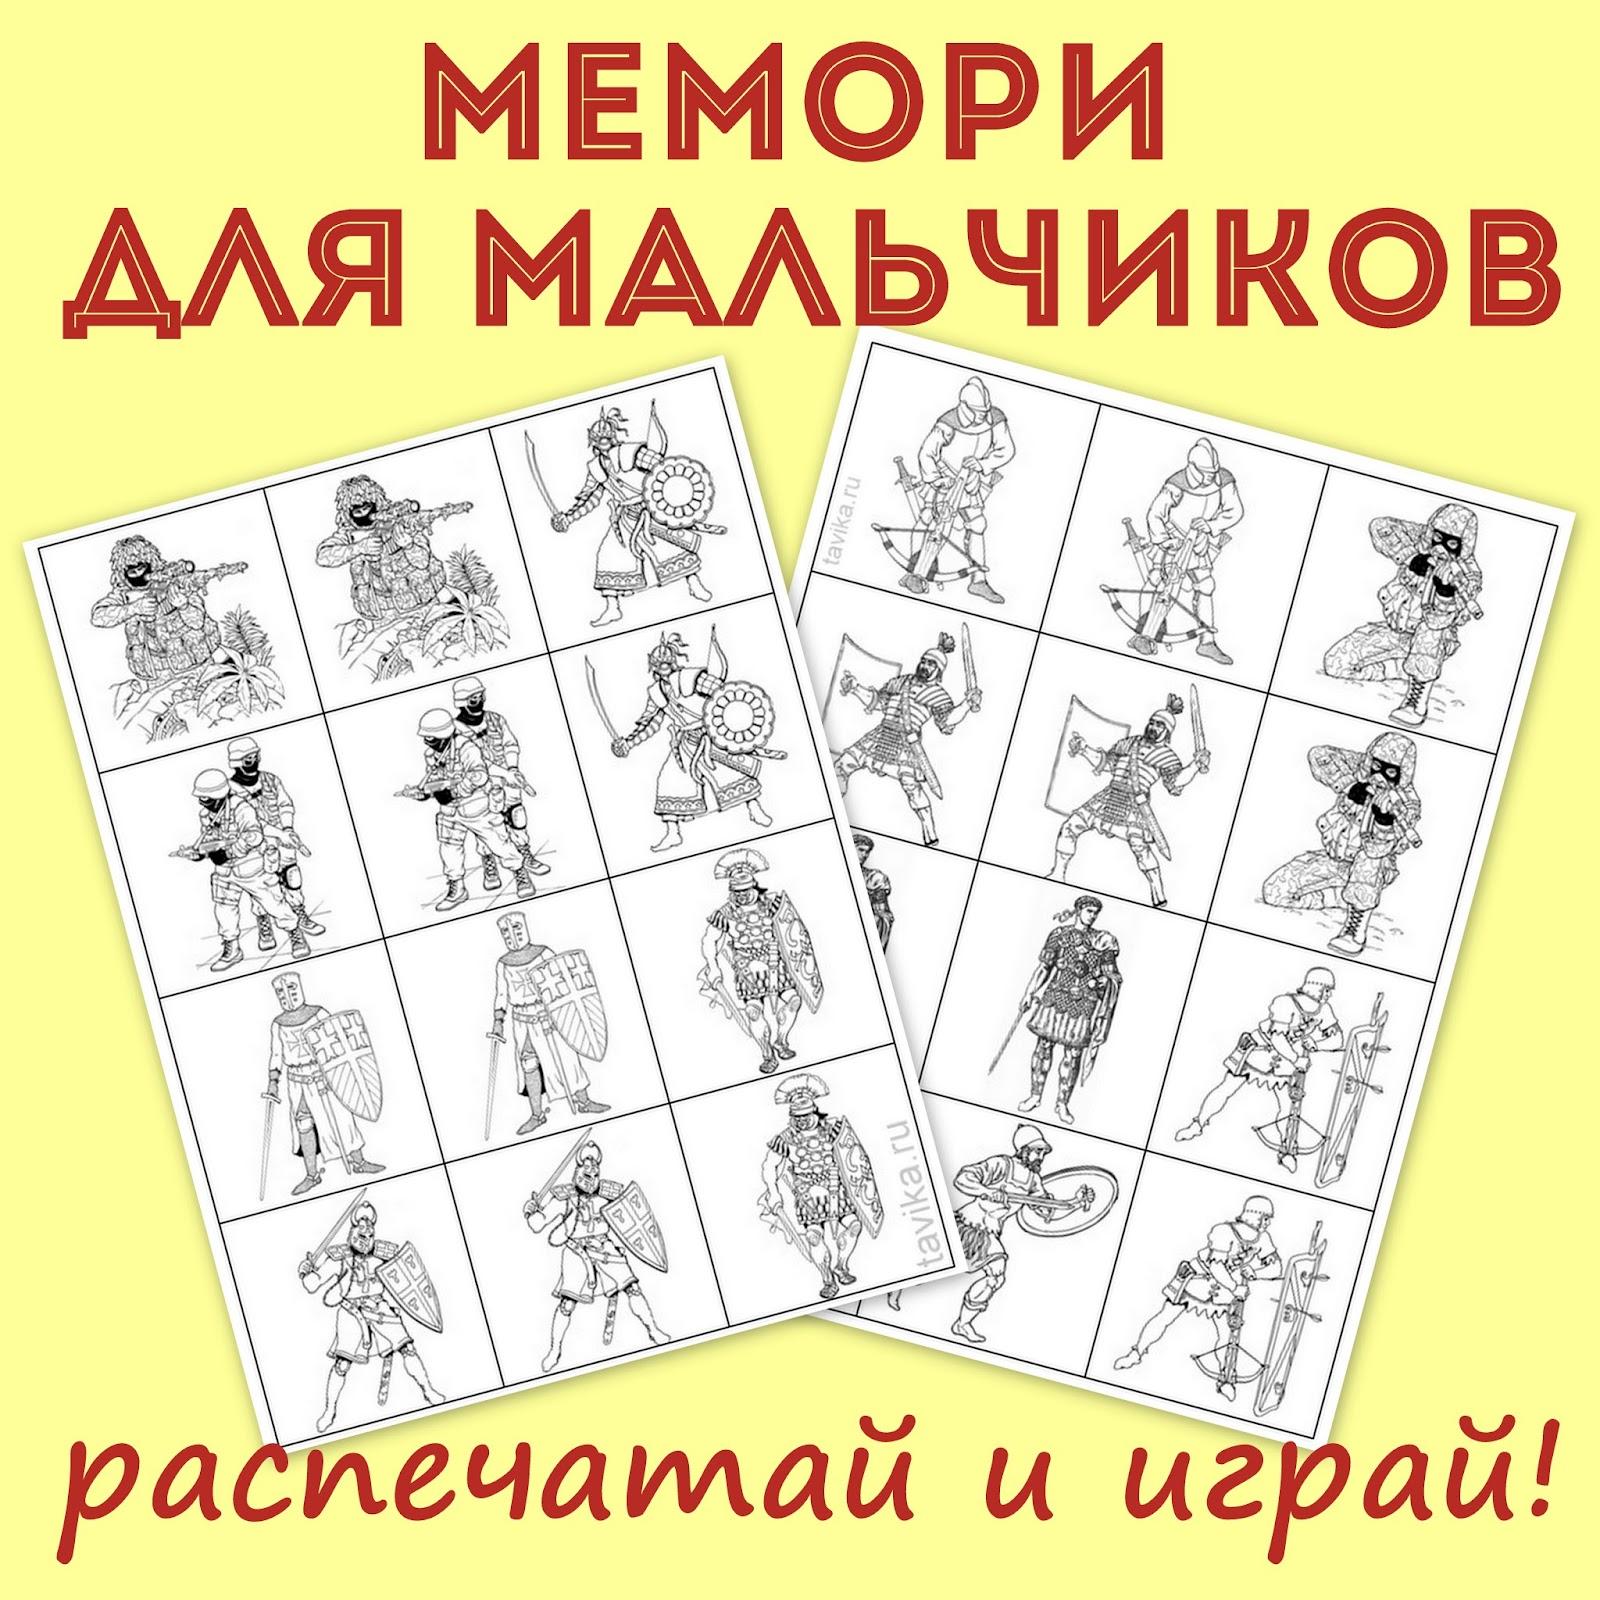 карточки мемори для мальчиков. распечатай и играй